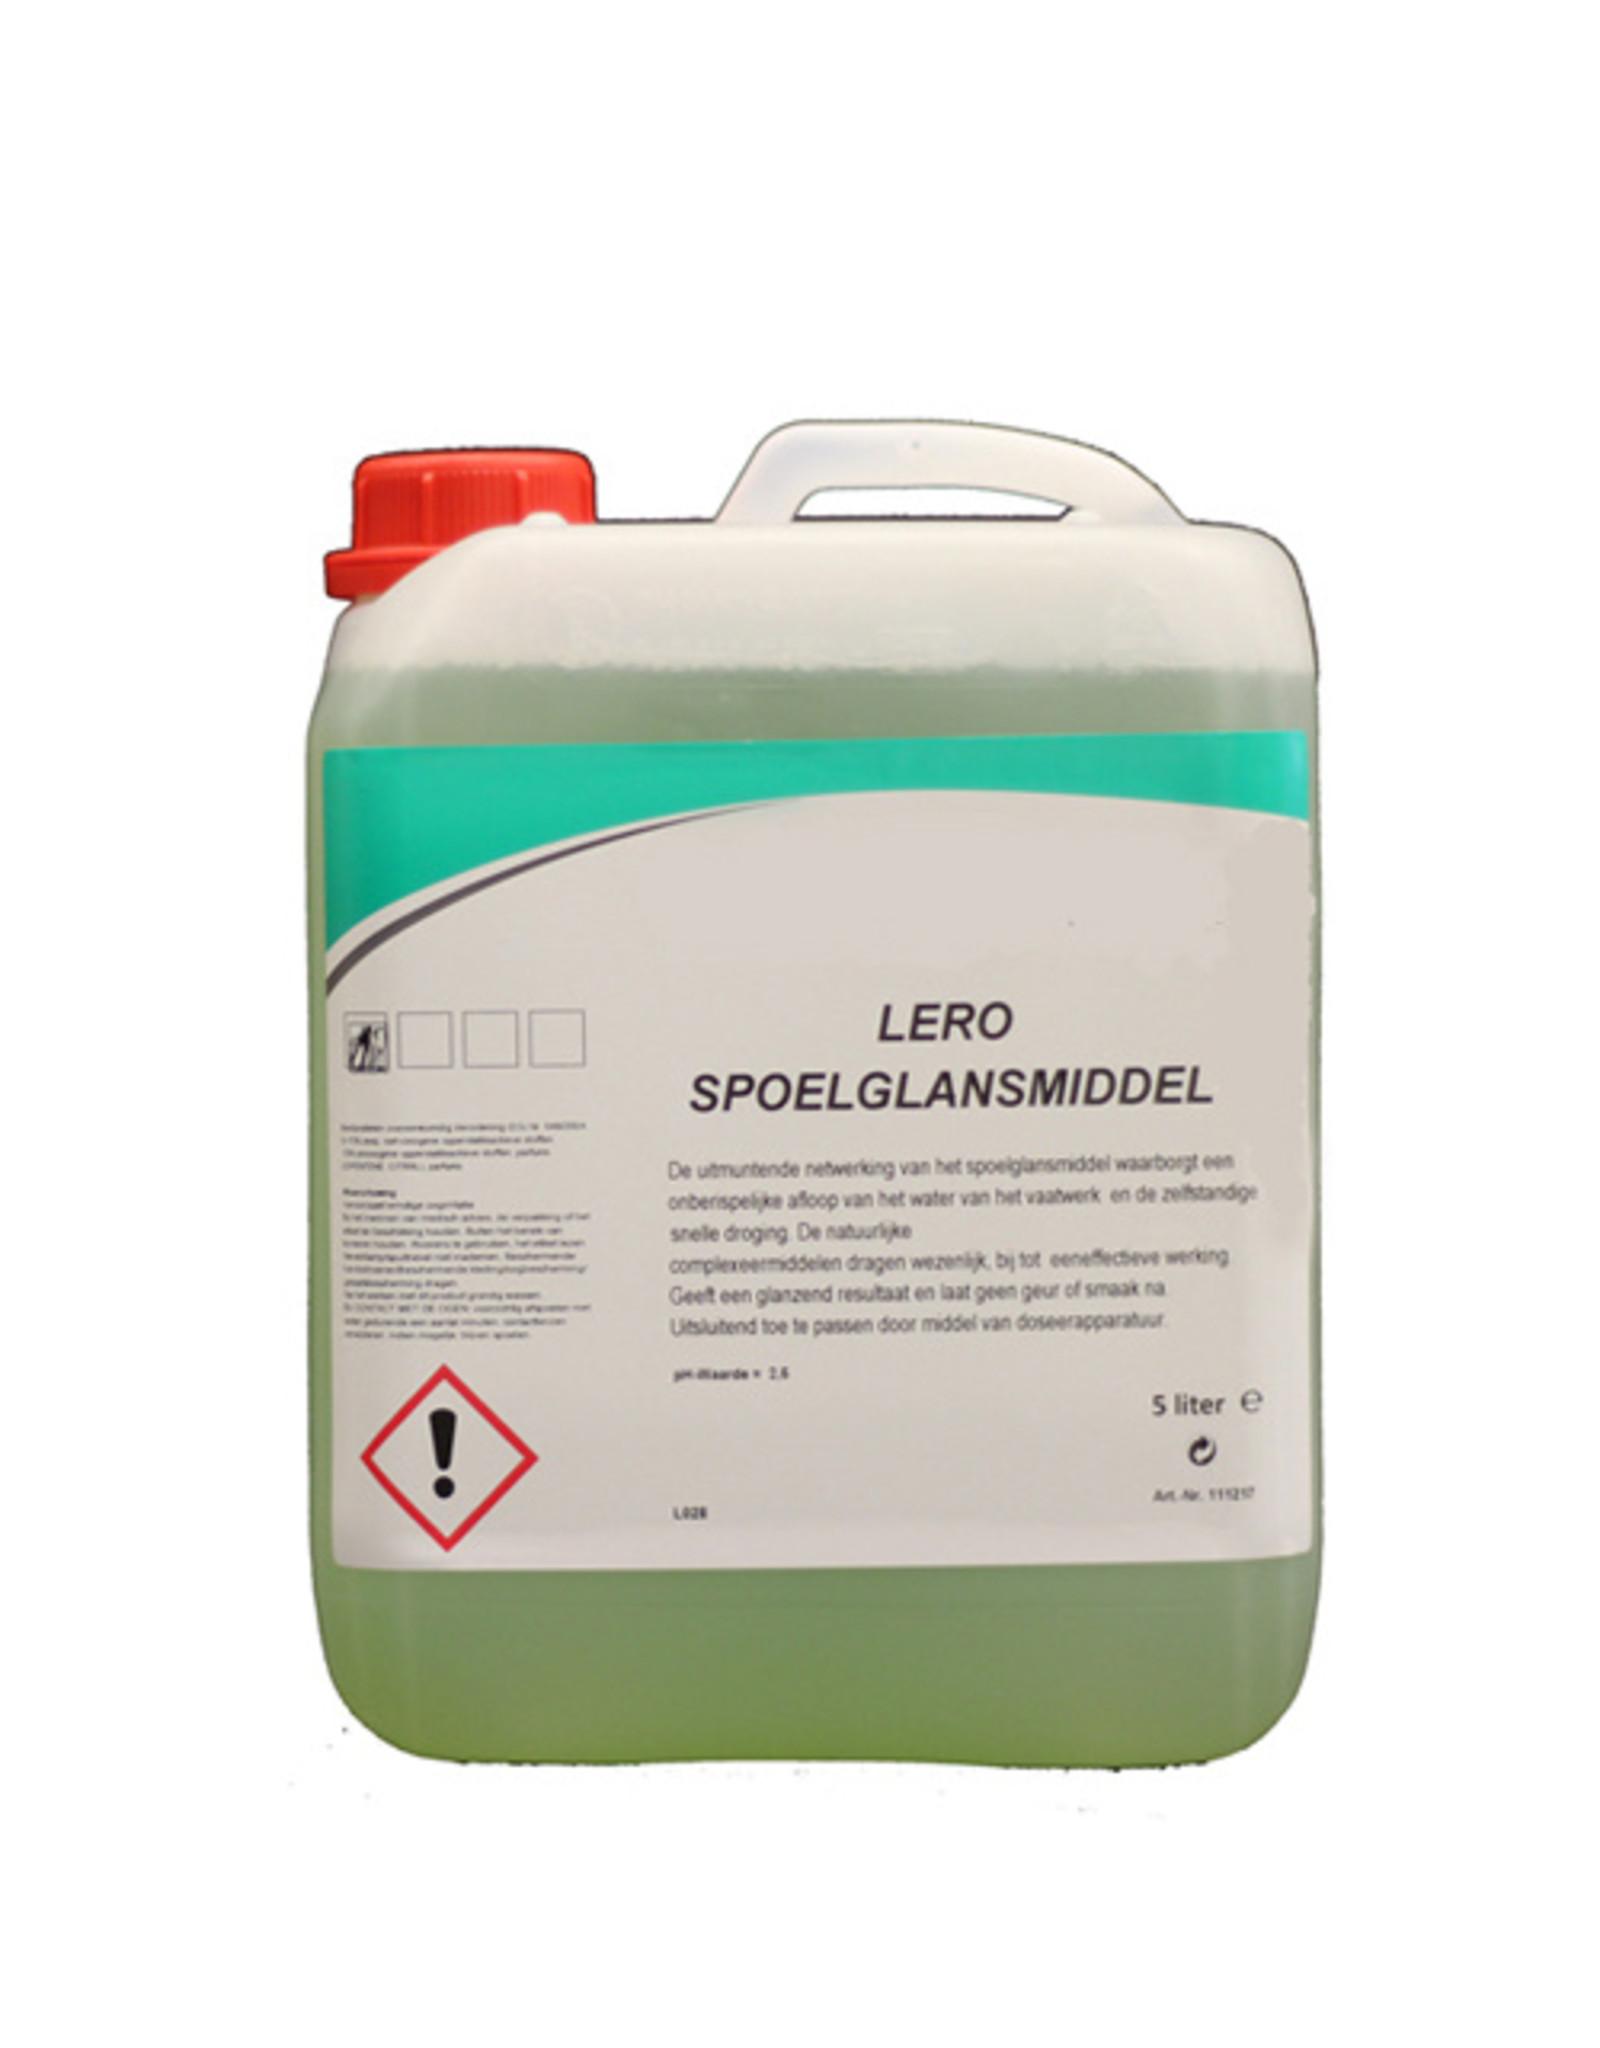 Lero Spoelglansmiddel 5 ltr.